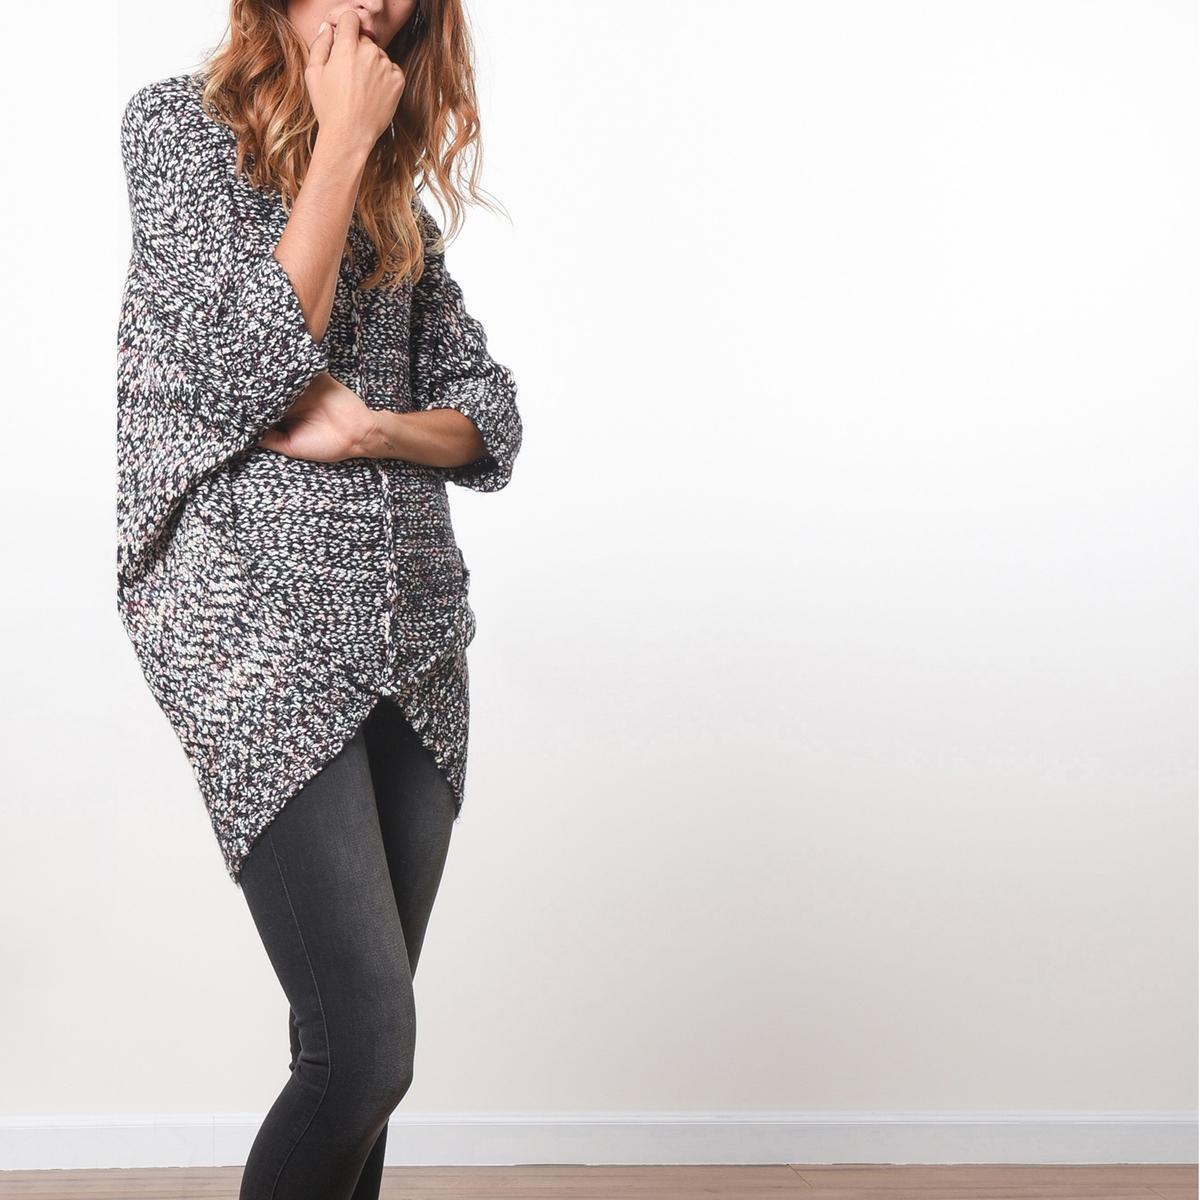 Пуловер с V-образным вырезомСостав и описаниеМатериал            54% полиэстера, 46% акрила     Марка            JOE RETRO          Уход     Следуйте рекомендациям по уходу, указанным на этикетке изделия<br><br>Цвет: разноцветный